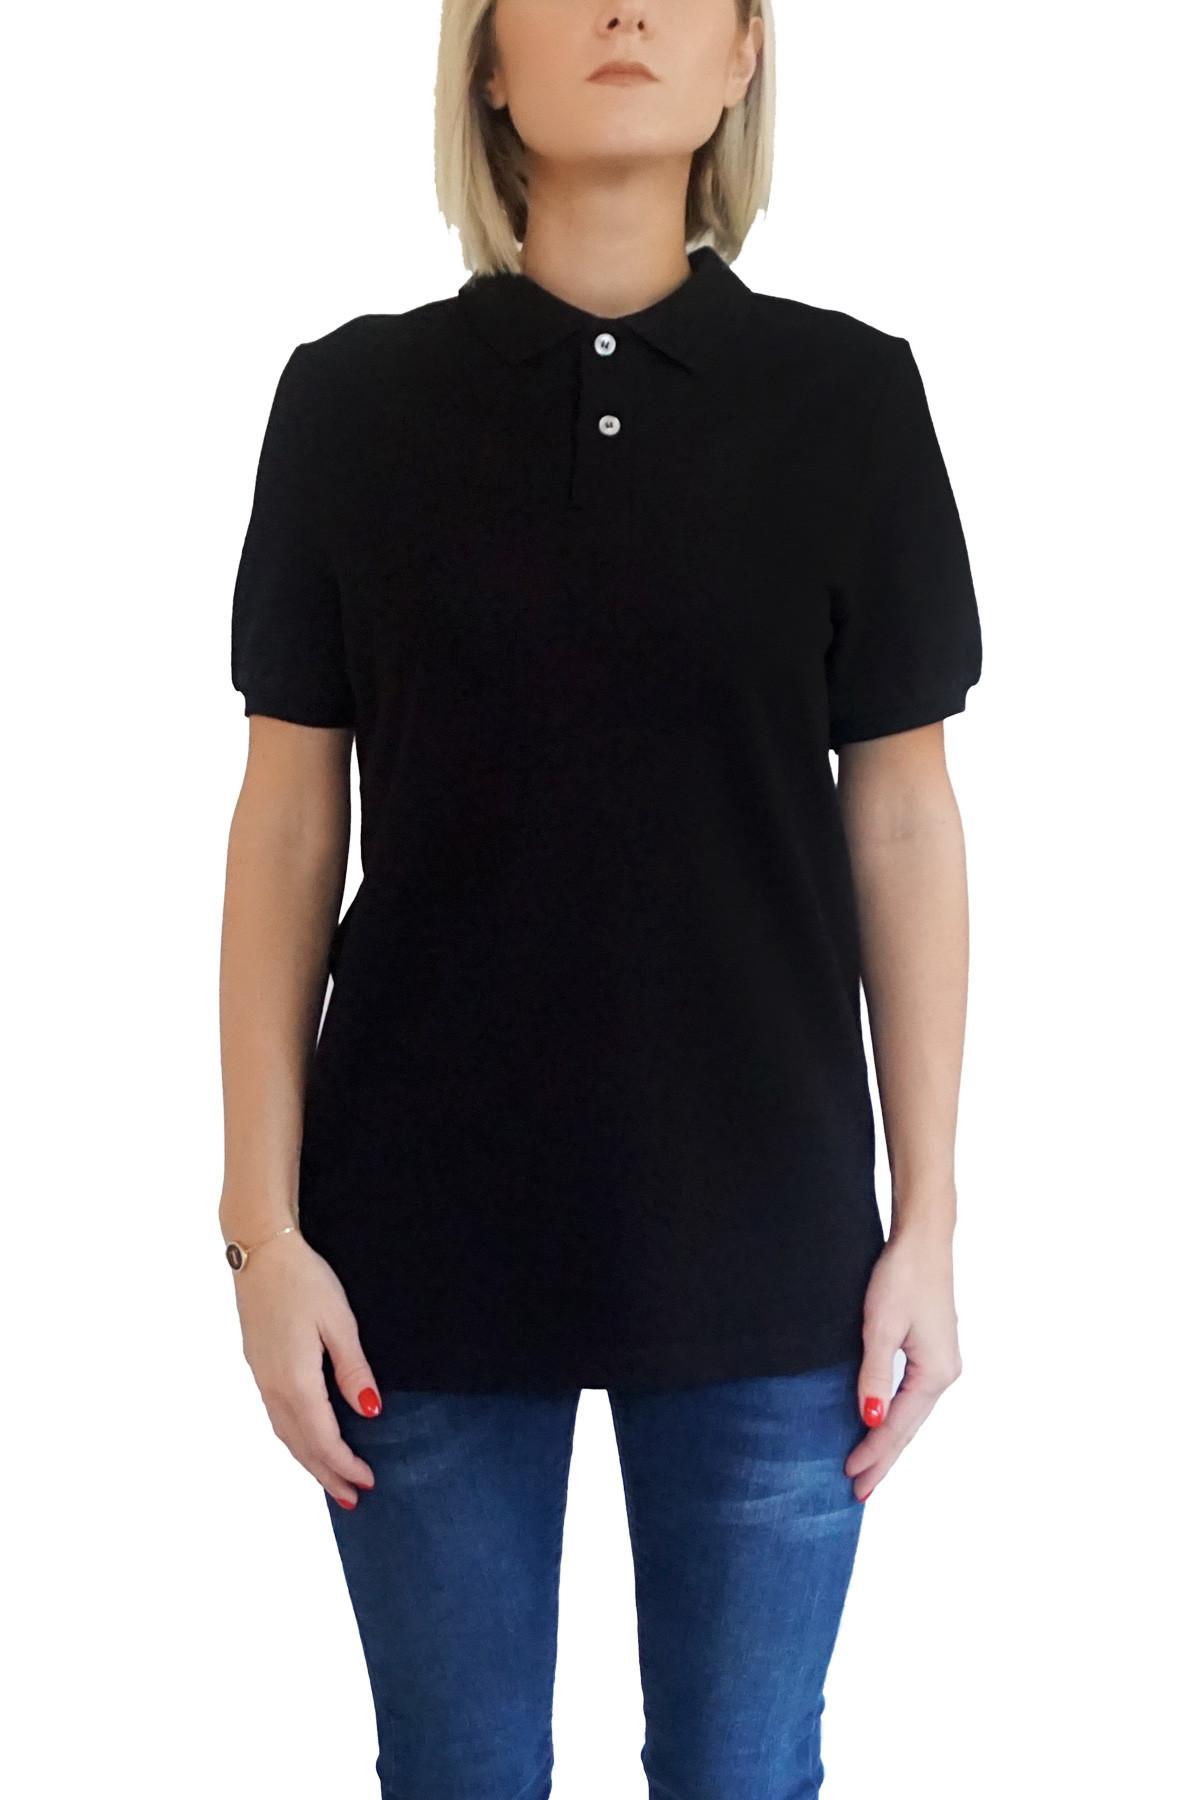 MOF Kadın Siyah T-Shirt POLO-F-S 1